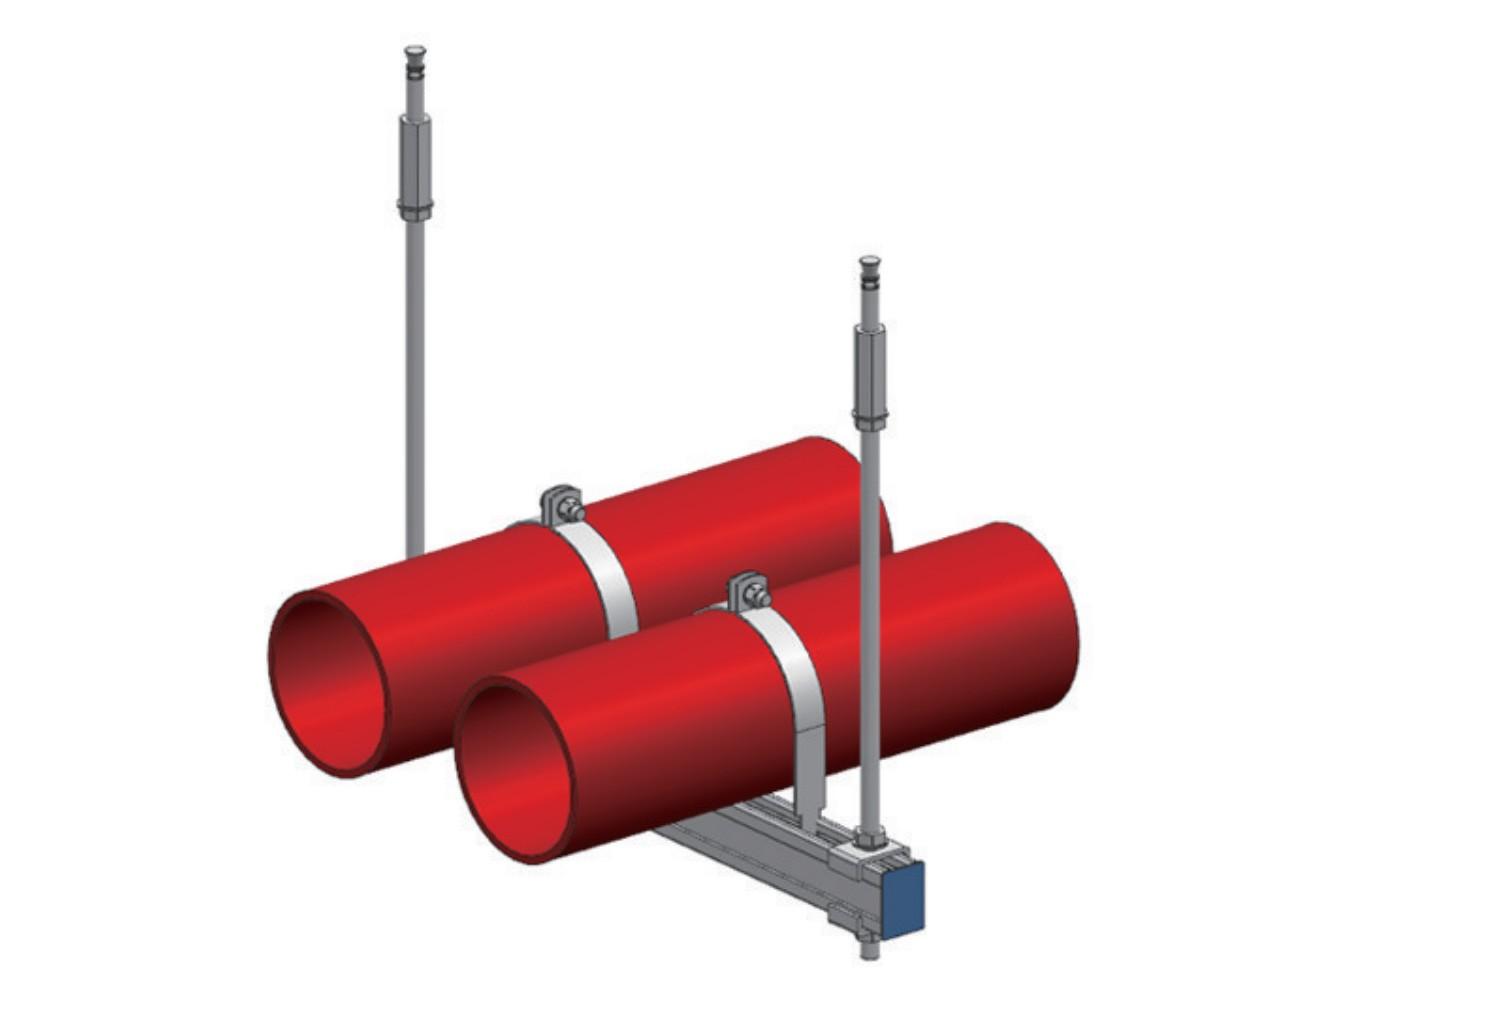 装配式支吊架行业的发展契机与方向